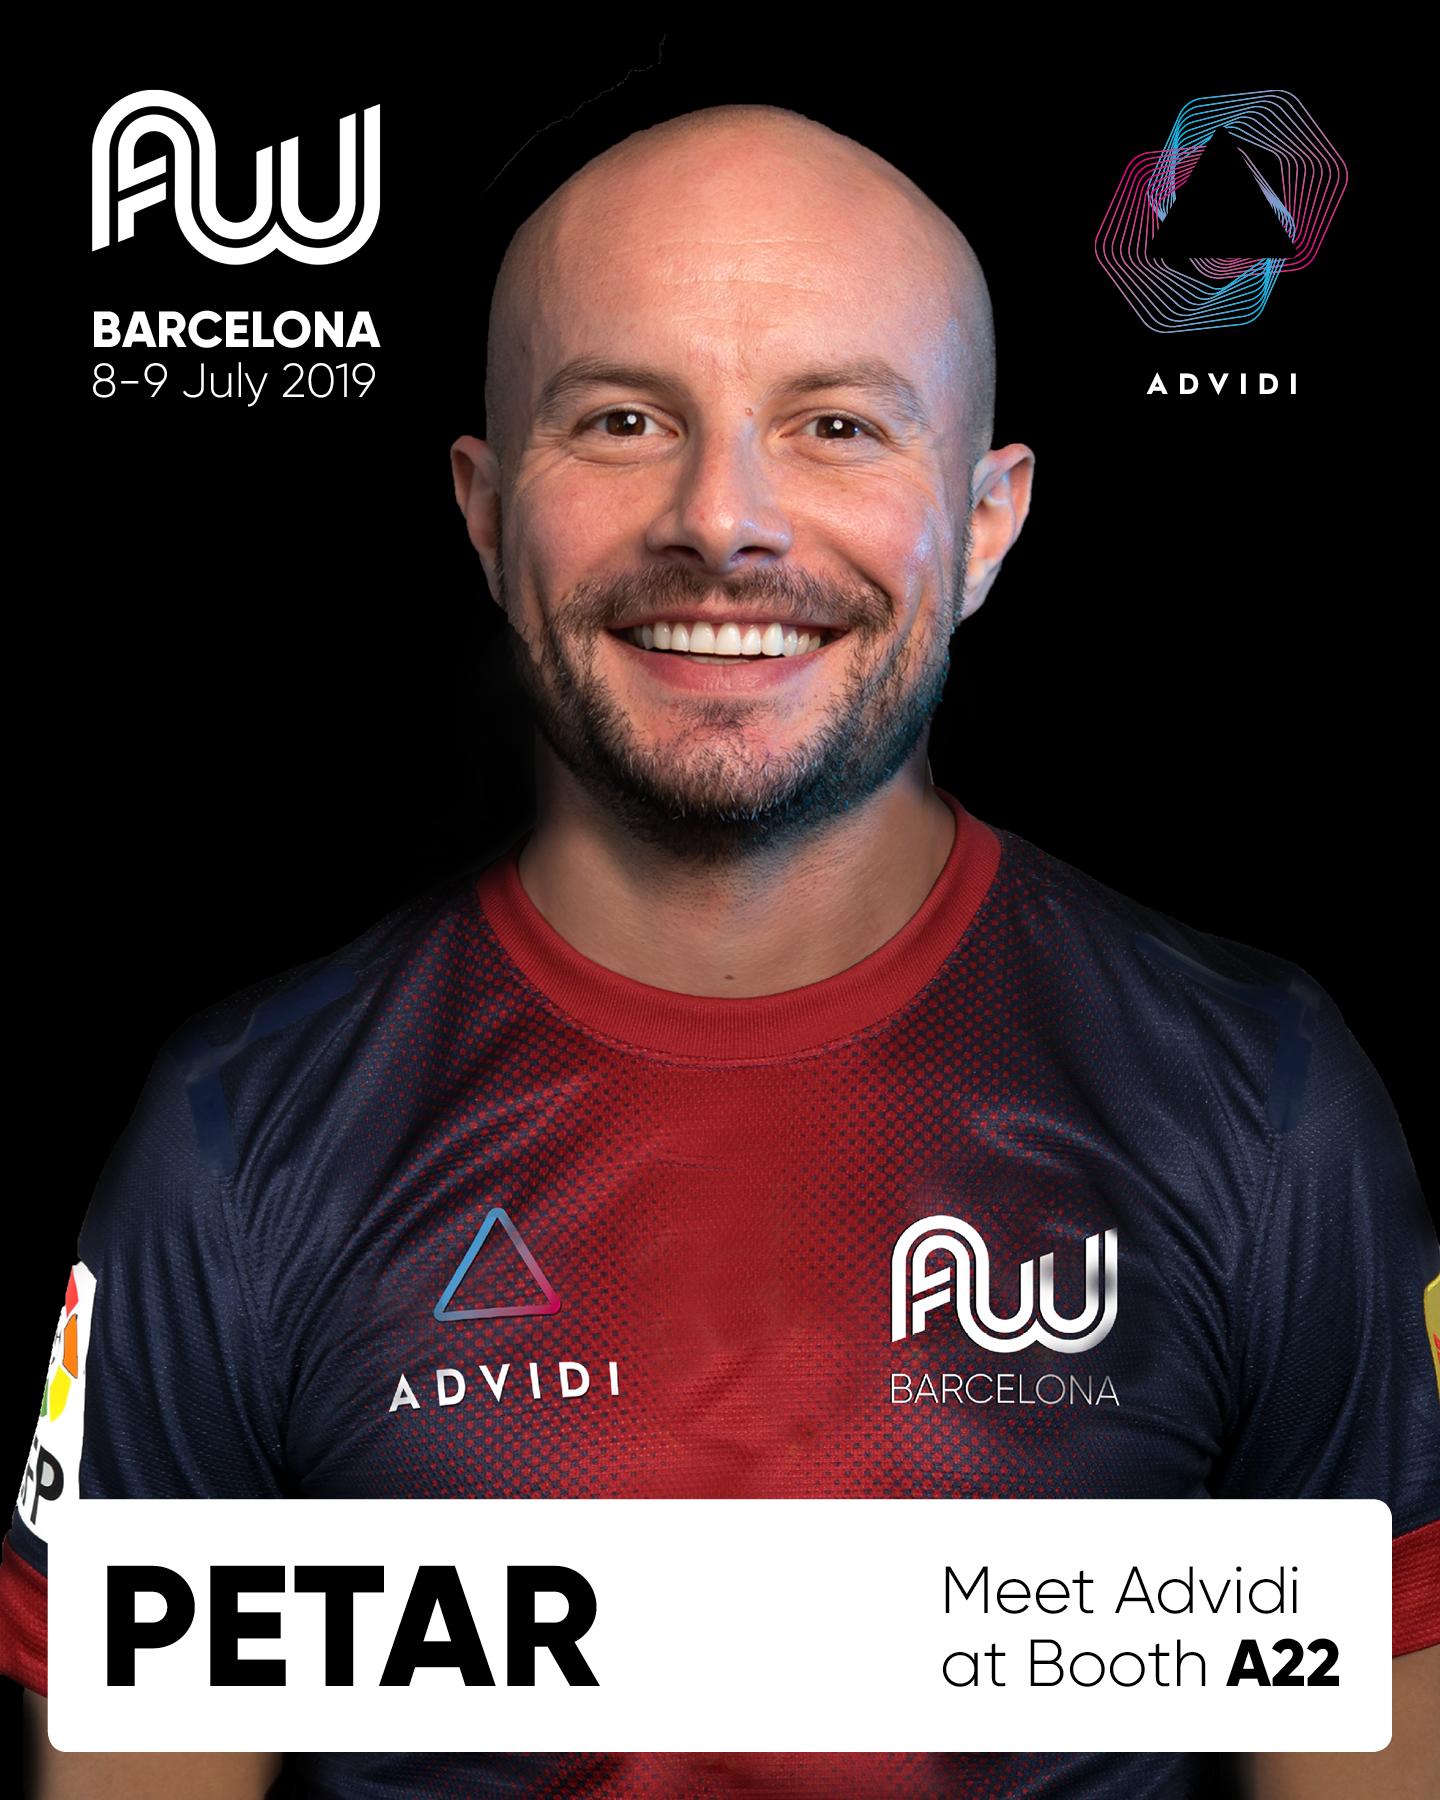 Petar Advidi